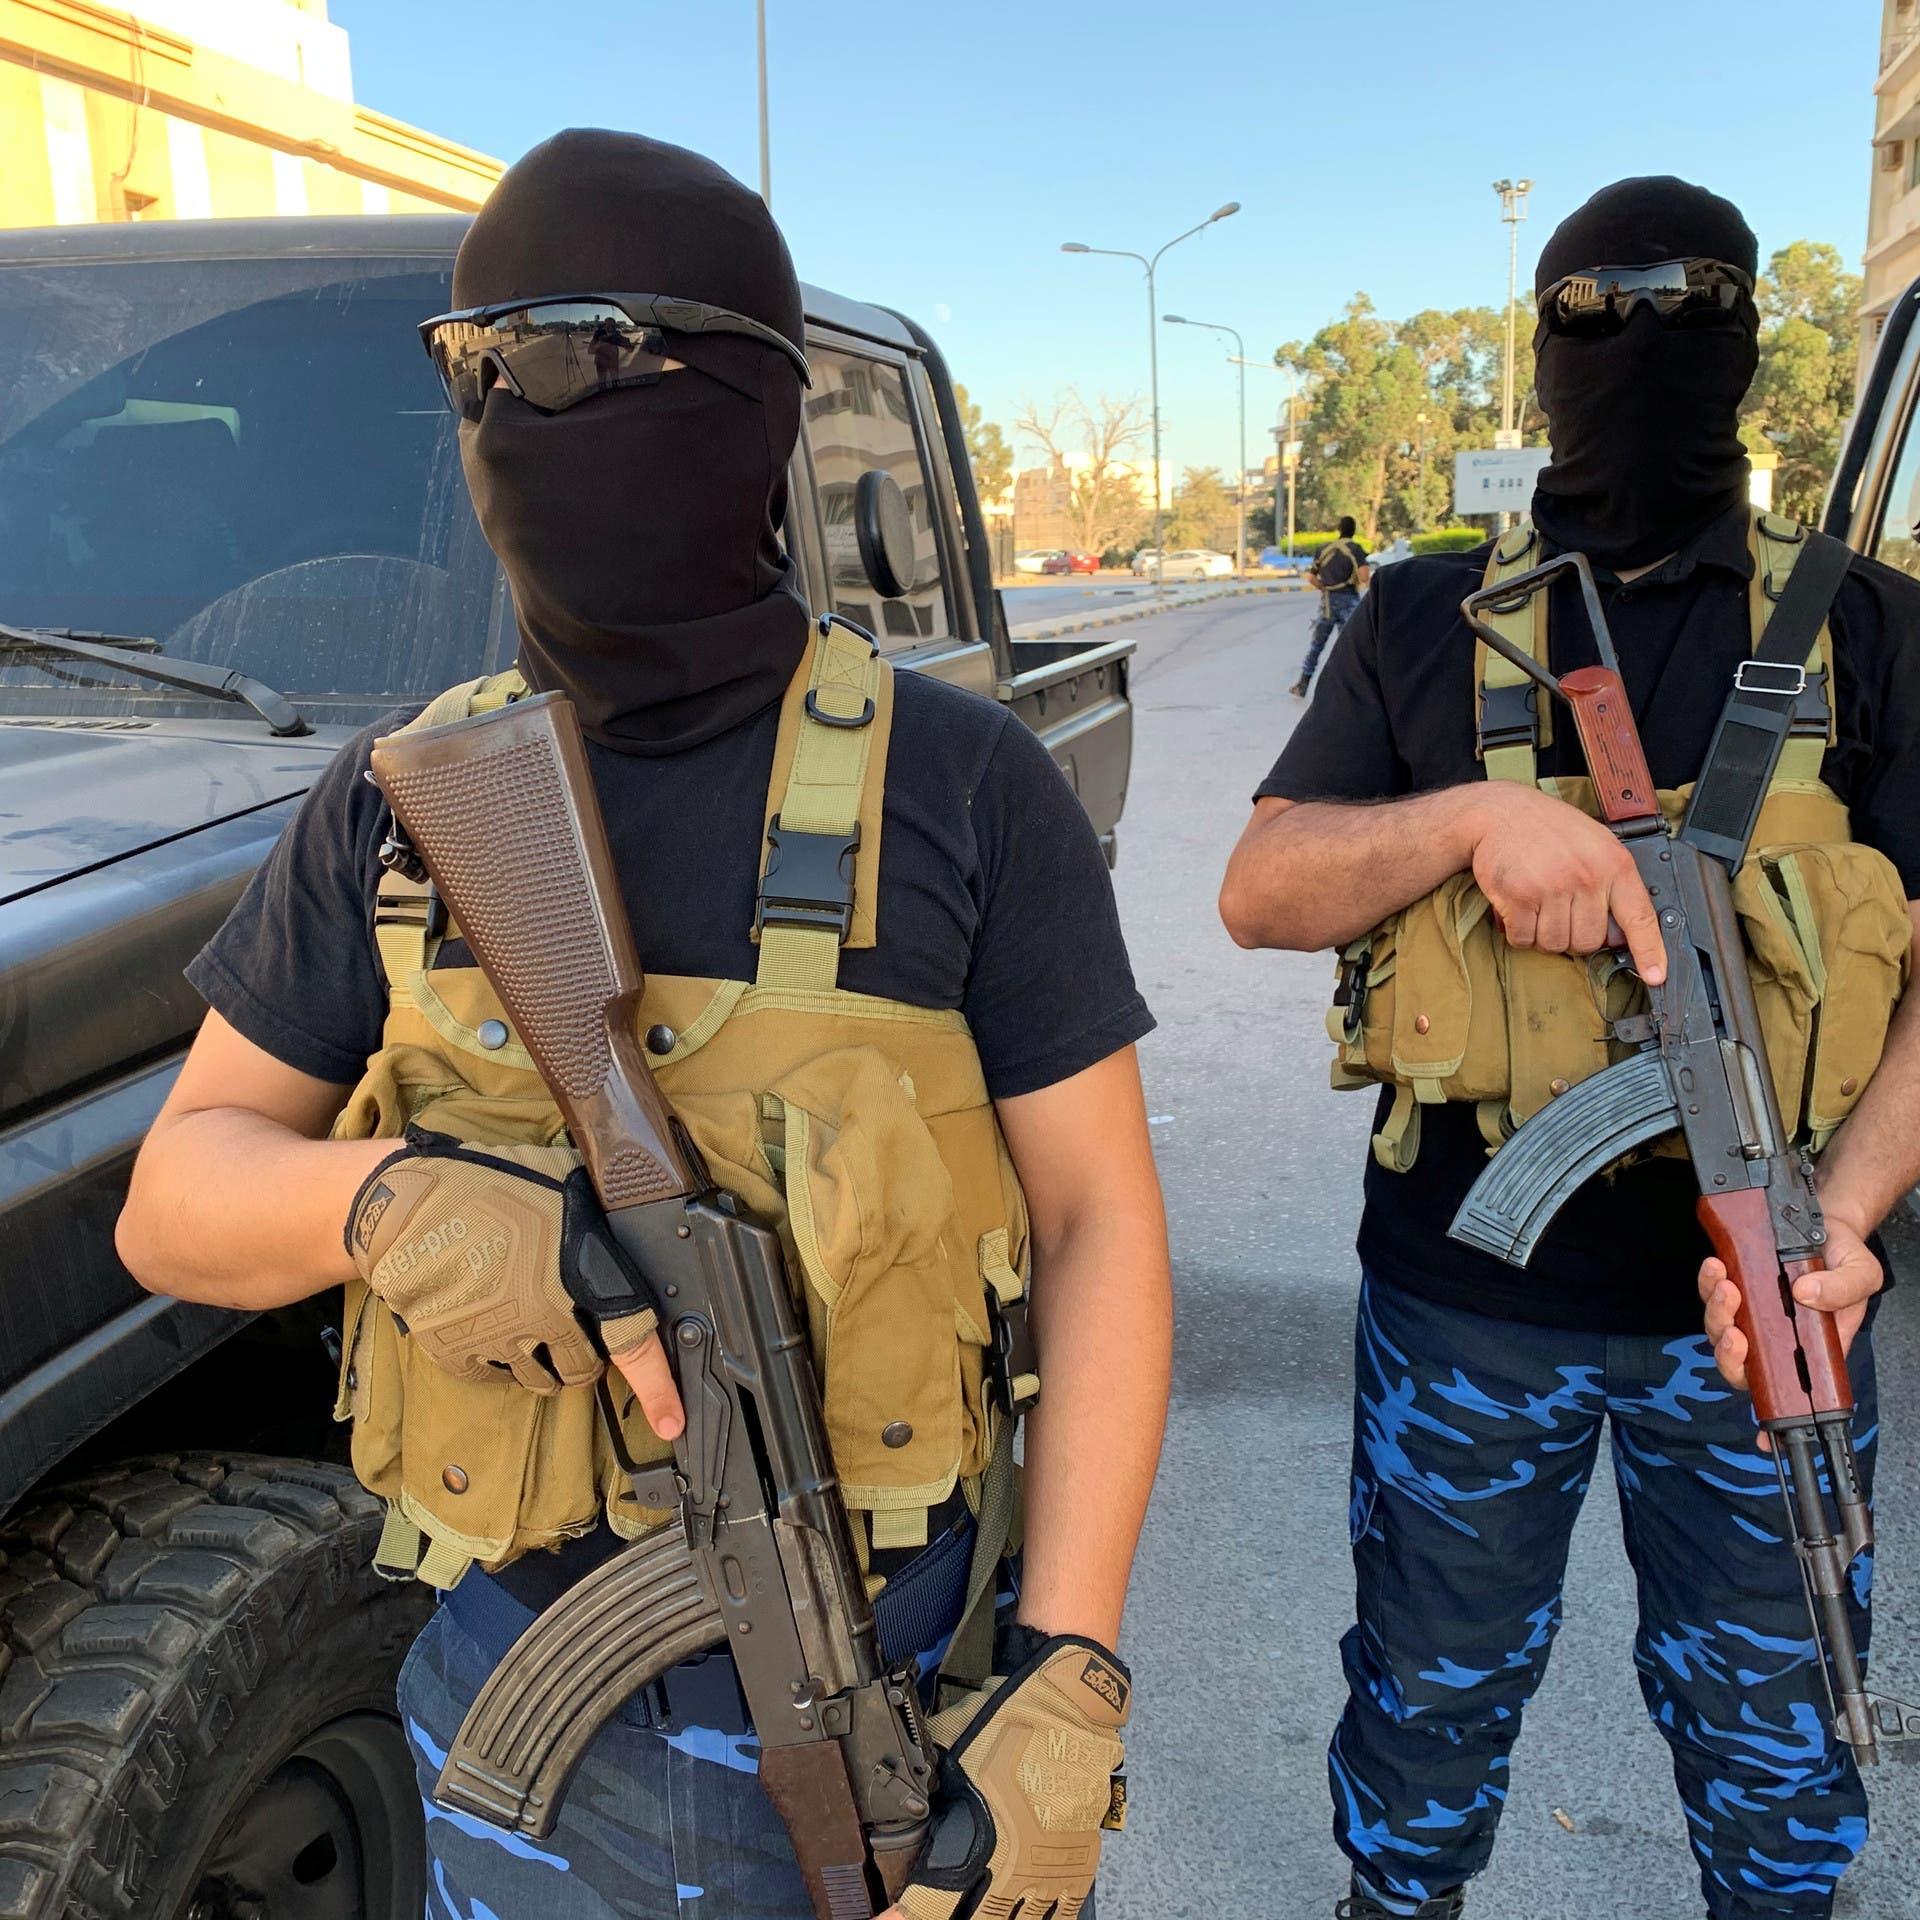 توتر أمني في طرابلس ومخاوف من اندلاع مواجهات مسلحة